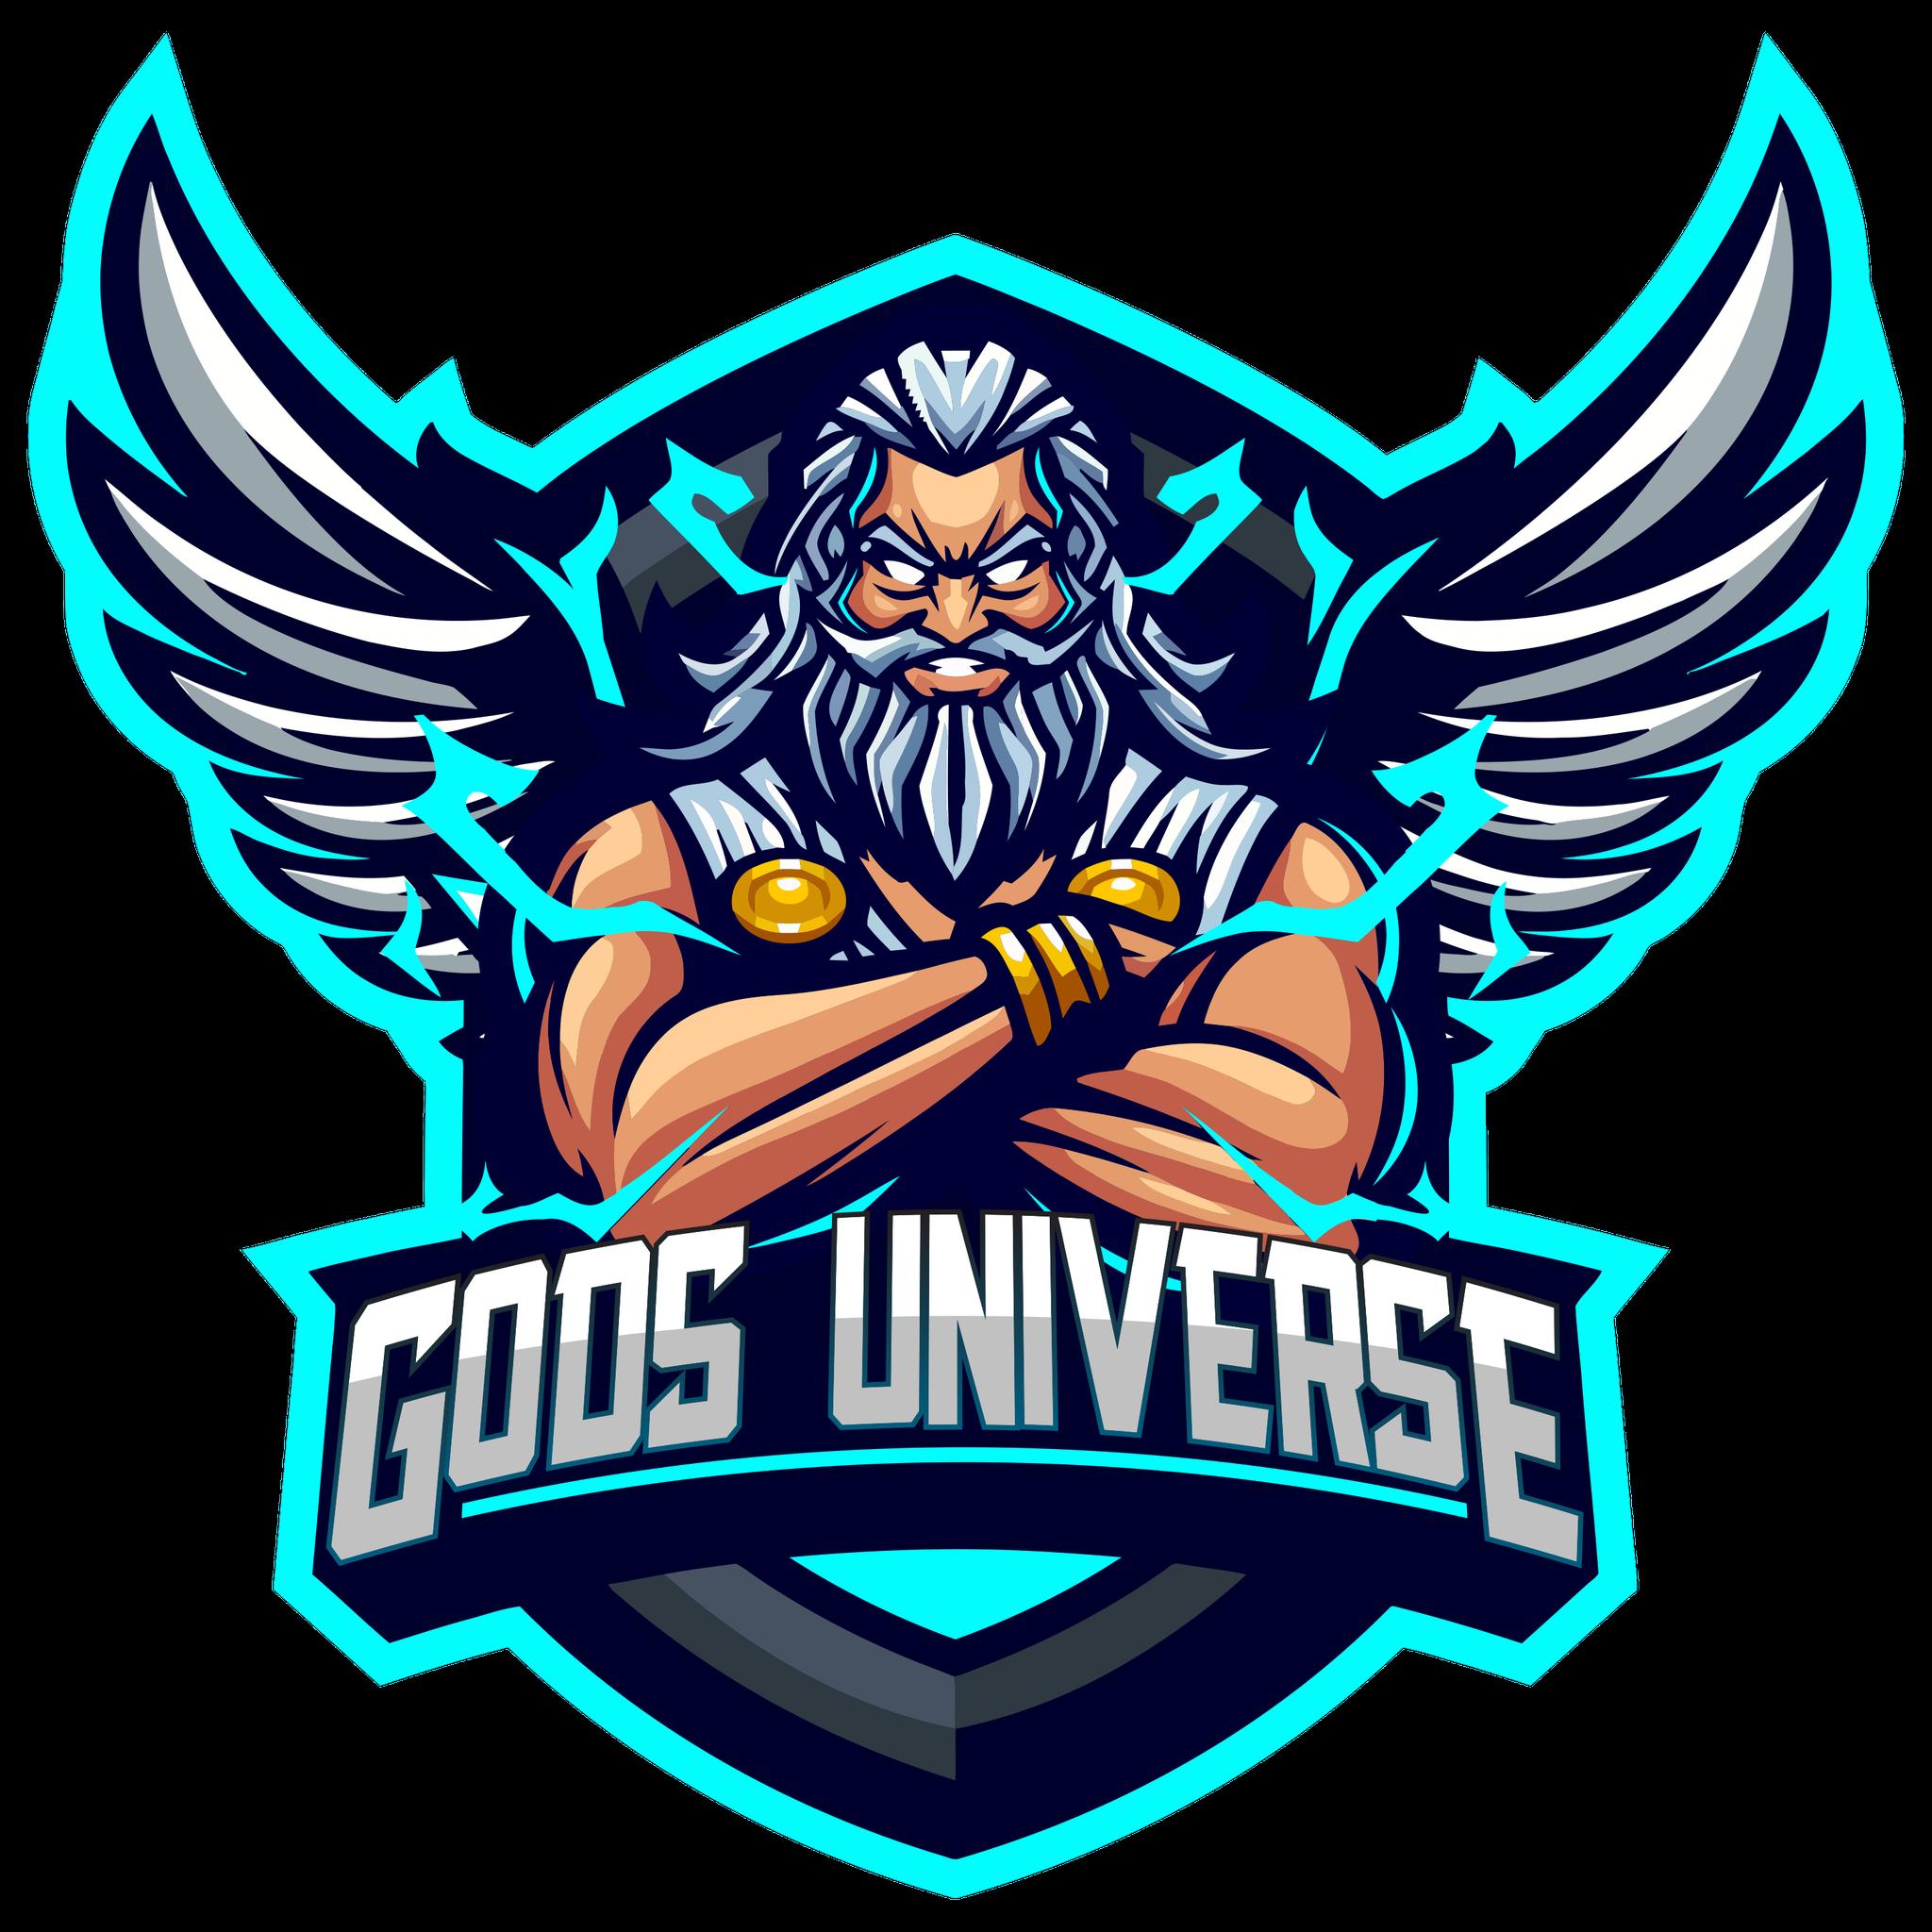 GODS UNIVESER